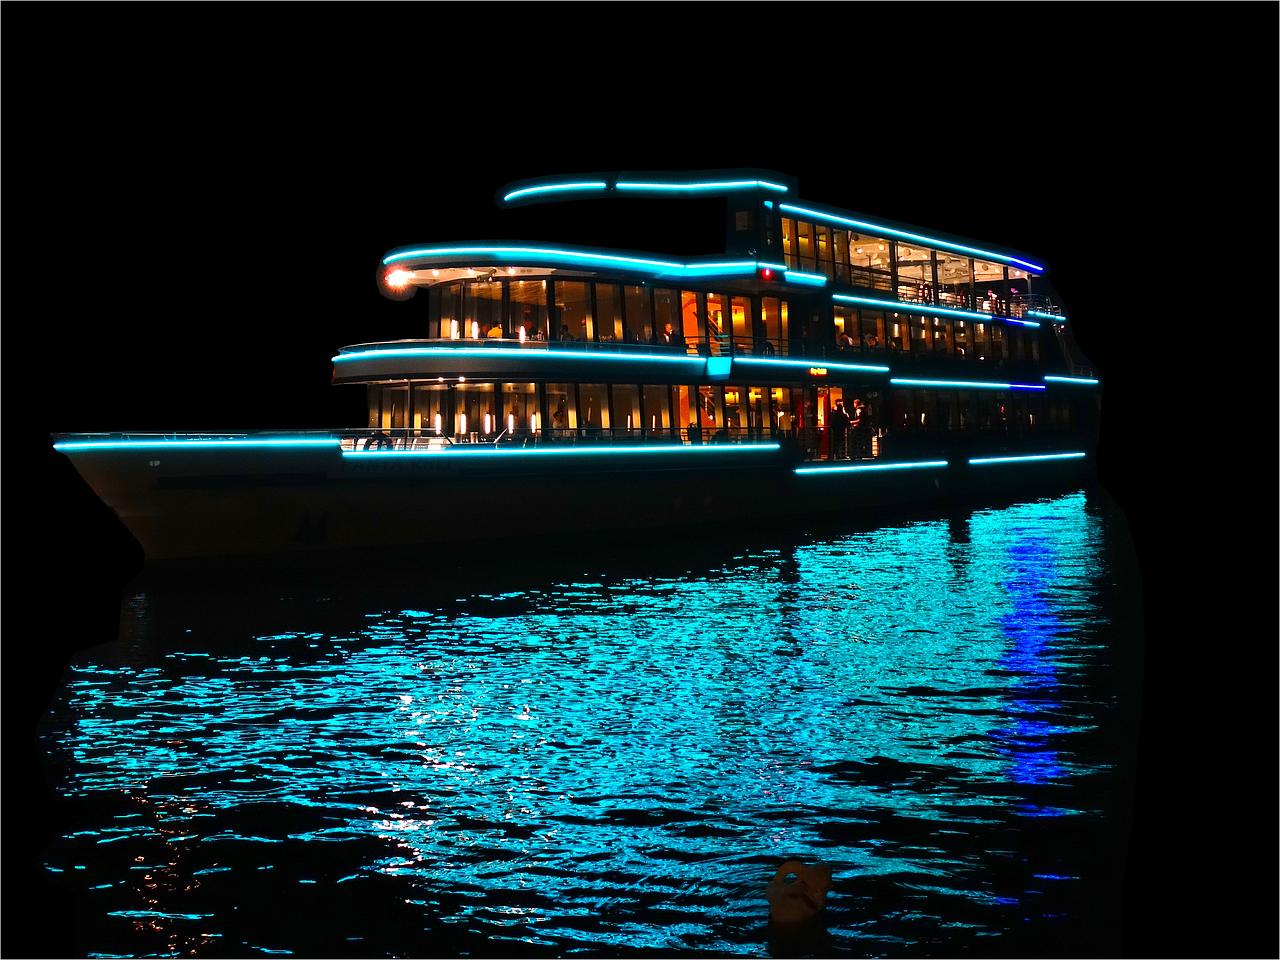 Luci A Led Per Barche.5 Buoni Motivi Per Usare I Led In Barca